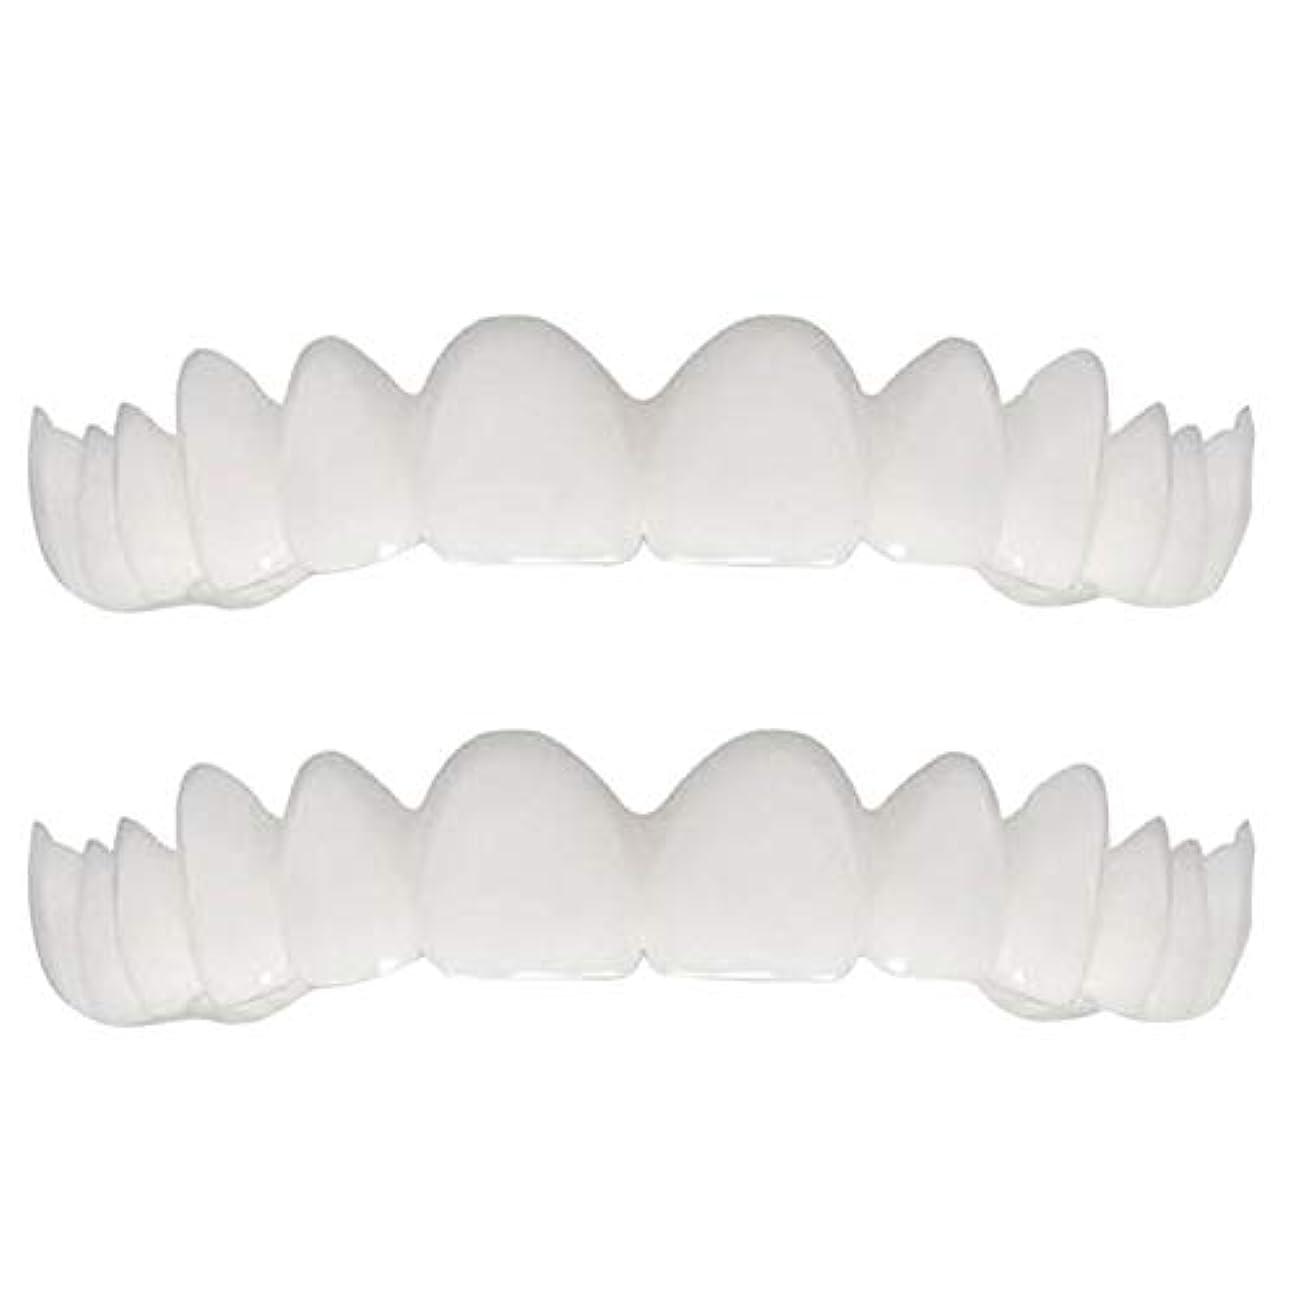 モロニックポップ会員シリコーンシミュレーション義歯、白い歯ブレースの上下の列(5セット),Boxed,UpperLower